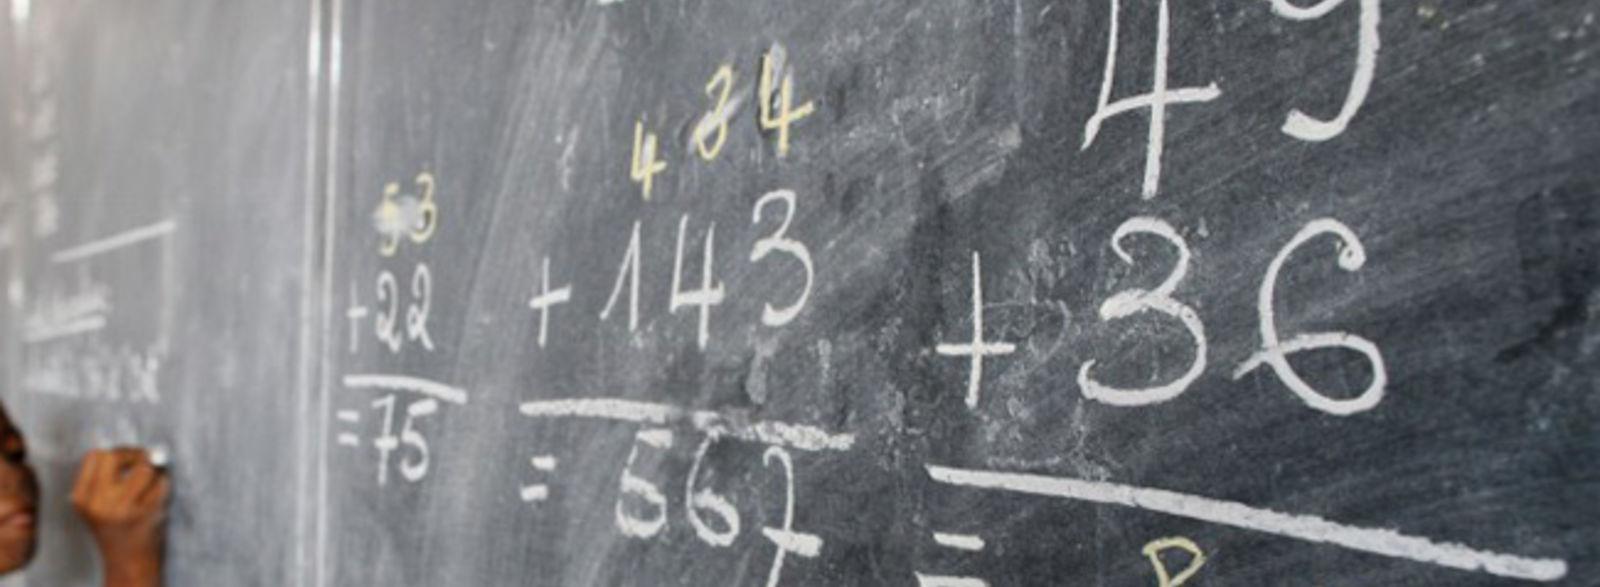 La crise des vocations perdure dans l'éducation